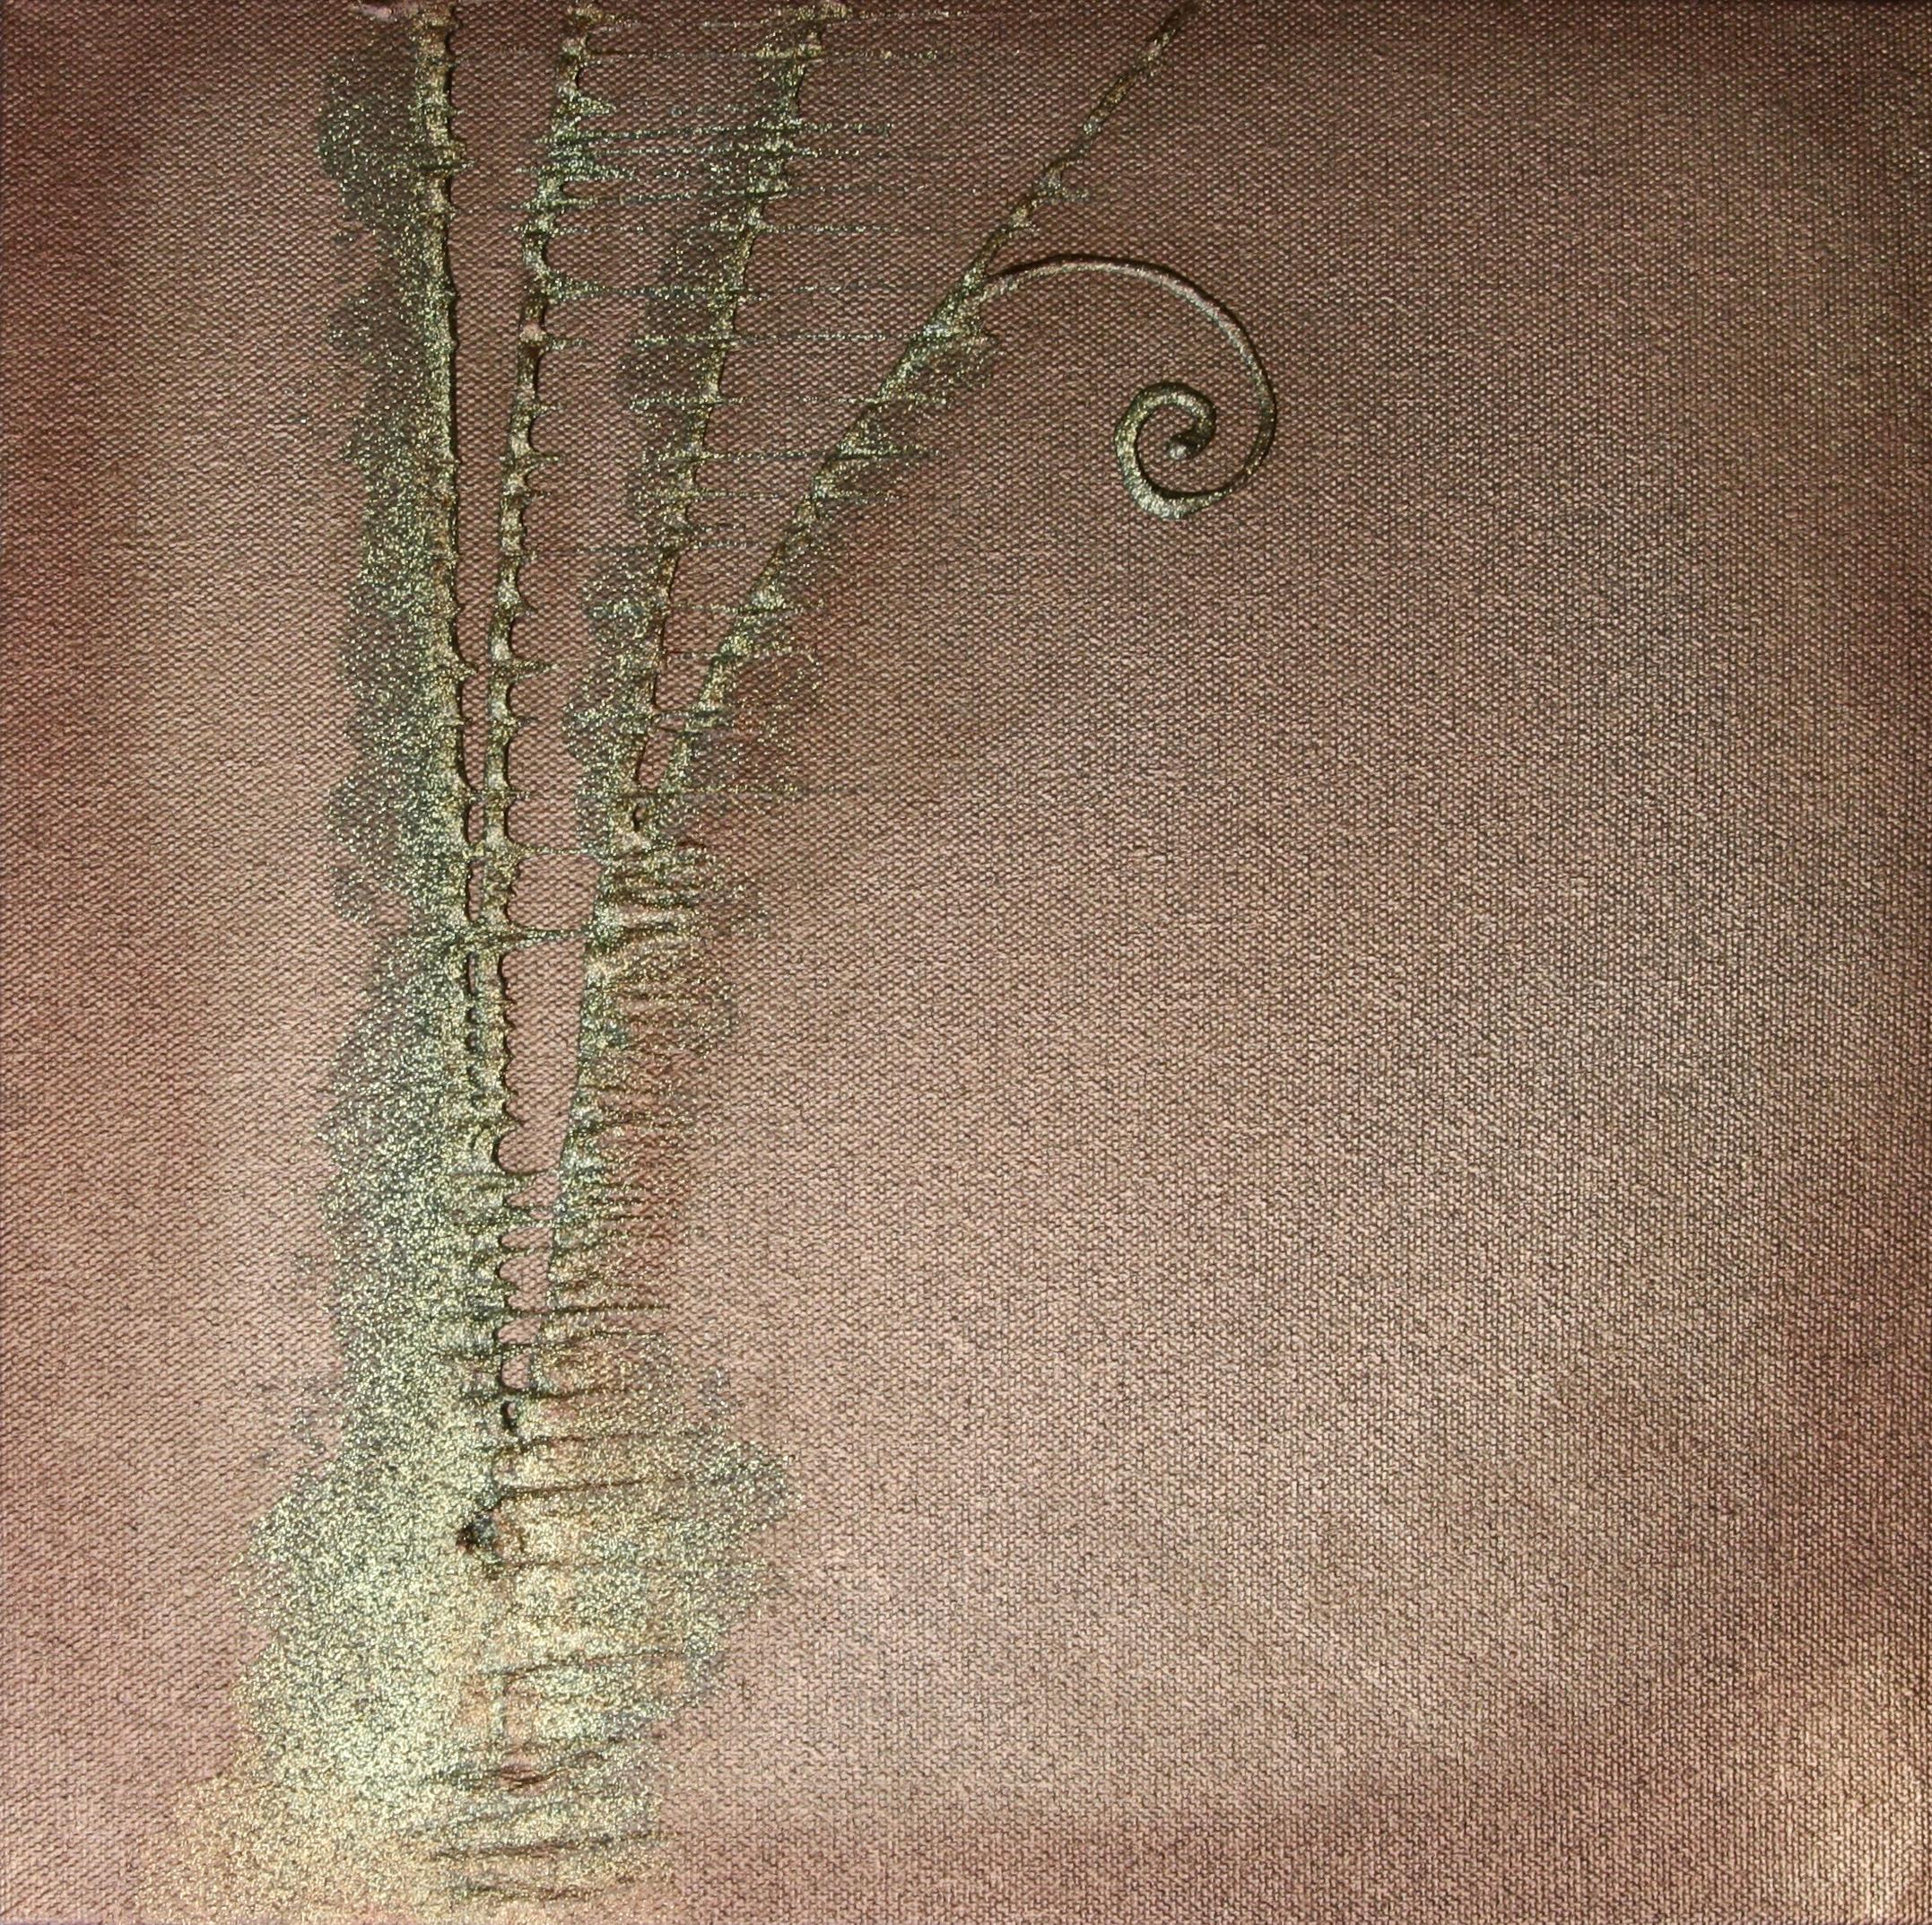 Reach   acrylic on canvas   12 x 12    sold